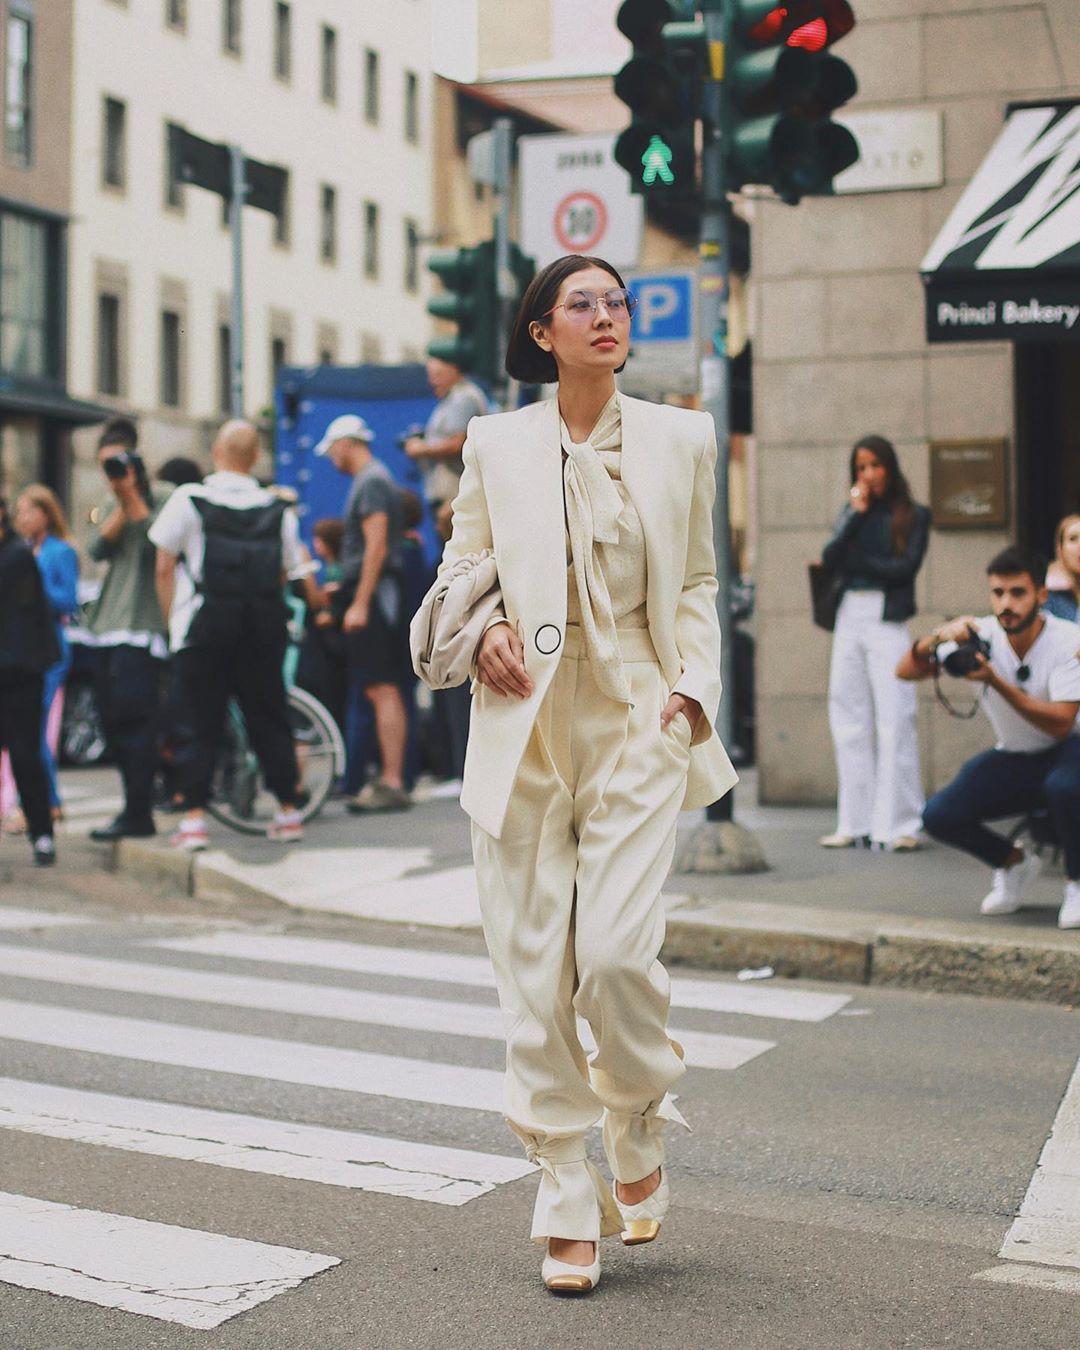 Dress code formal - âu phục phom rộng màu trắng kem